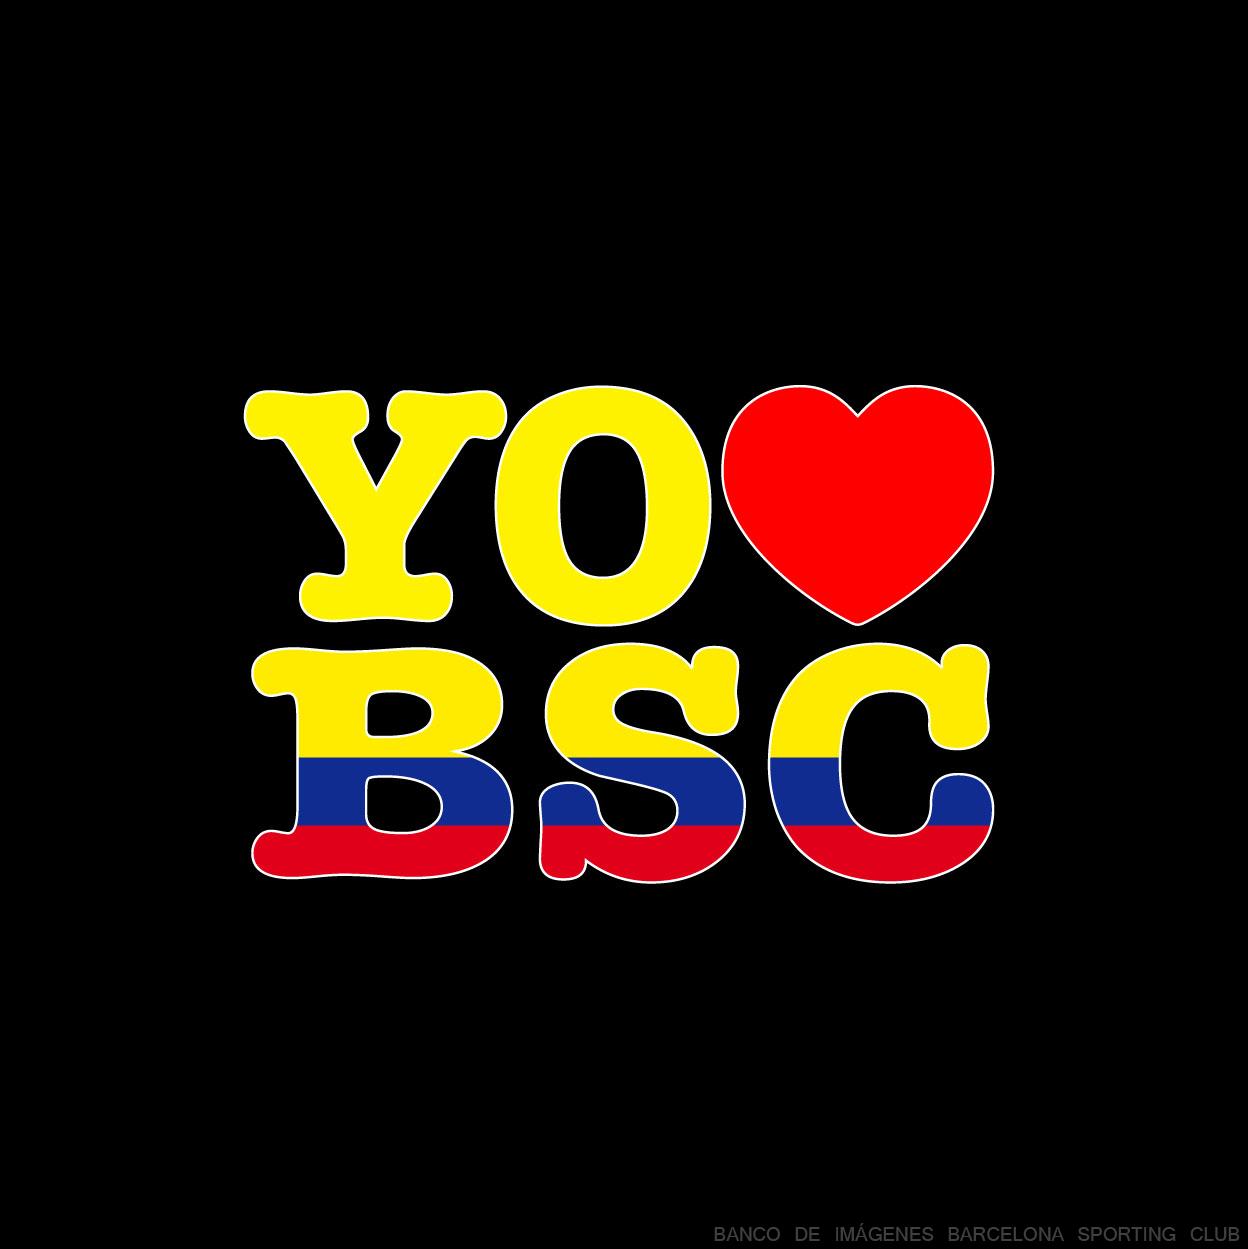 Imágenes Vectoriales Barcelona Sporting Club | BANCO DE